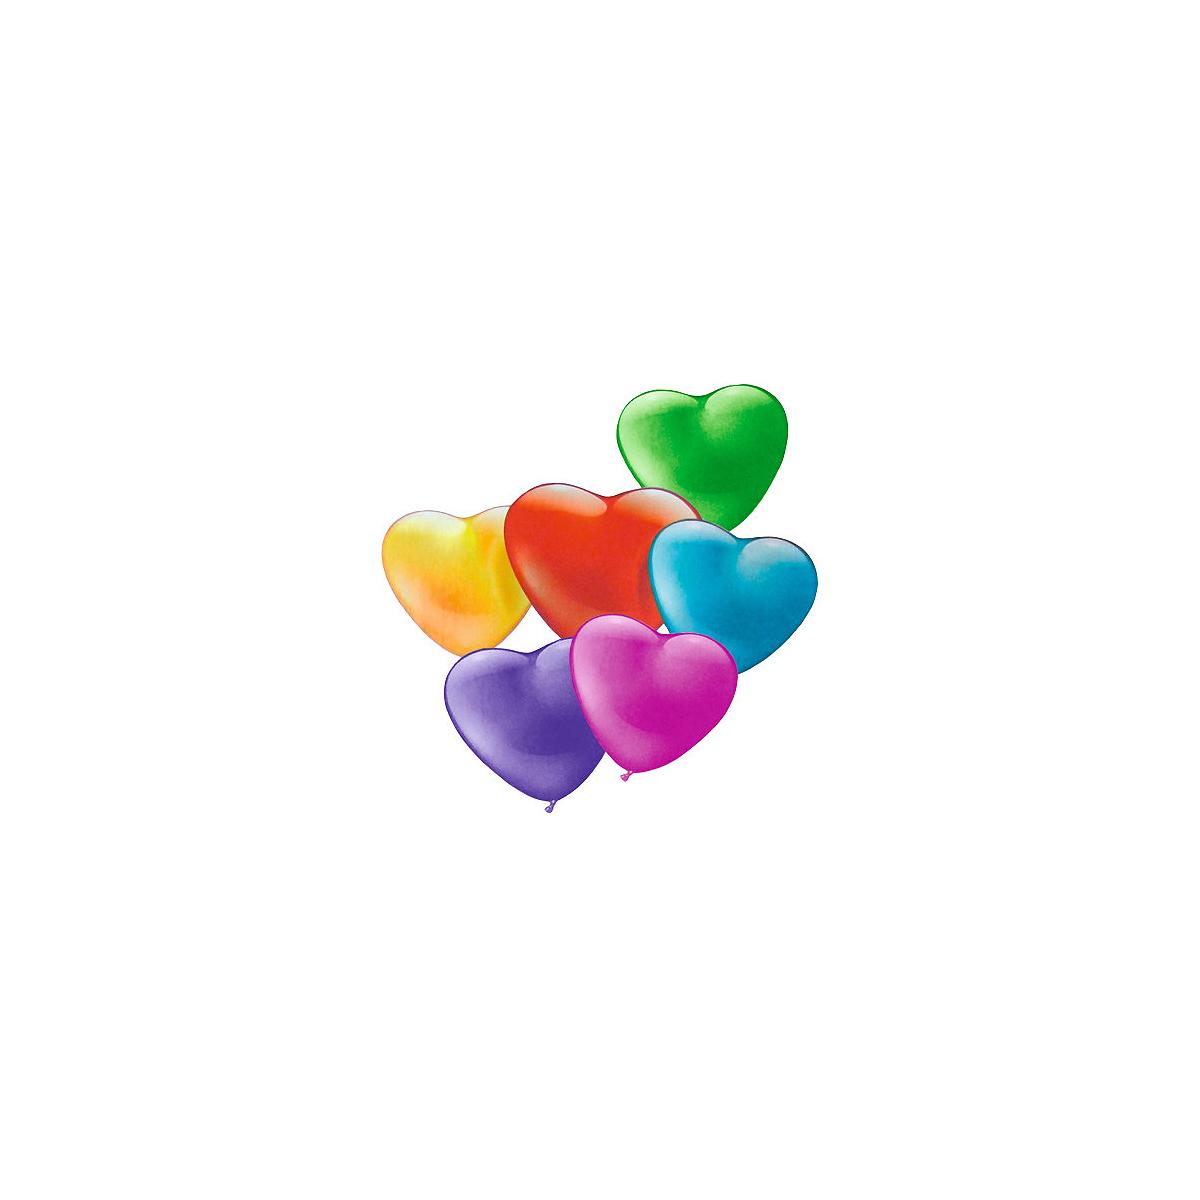 Set Baloane Mini, Formă de Inimă, Diverse Culori, 20 Bucăți, Herlitz, 40011677